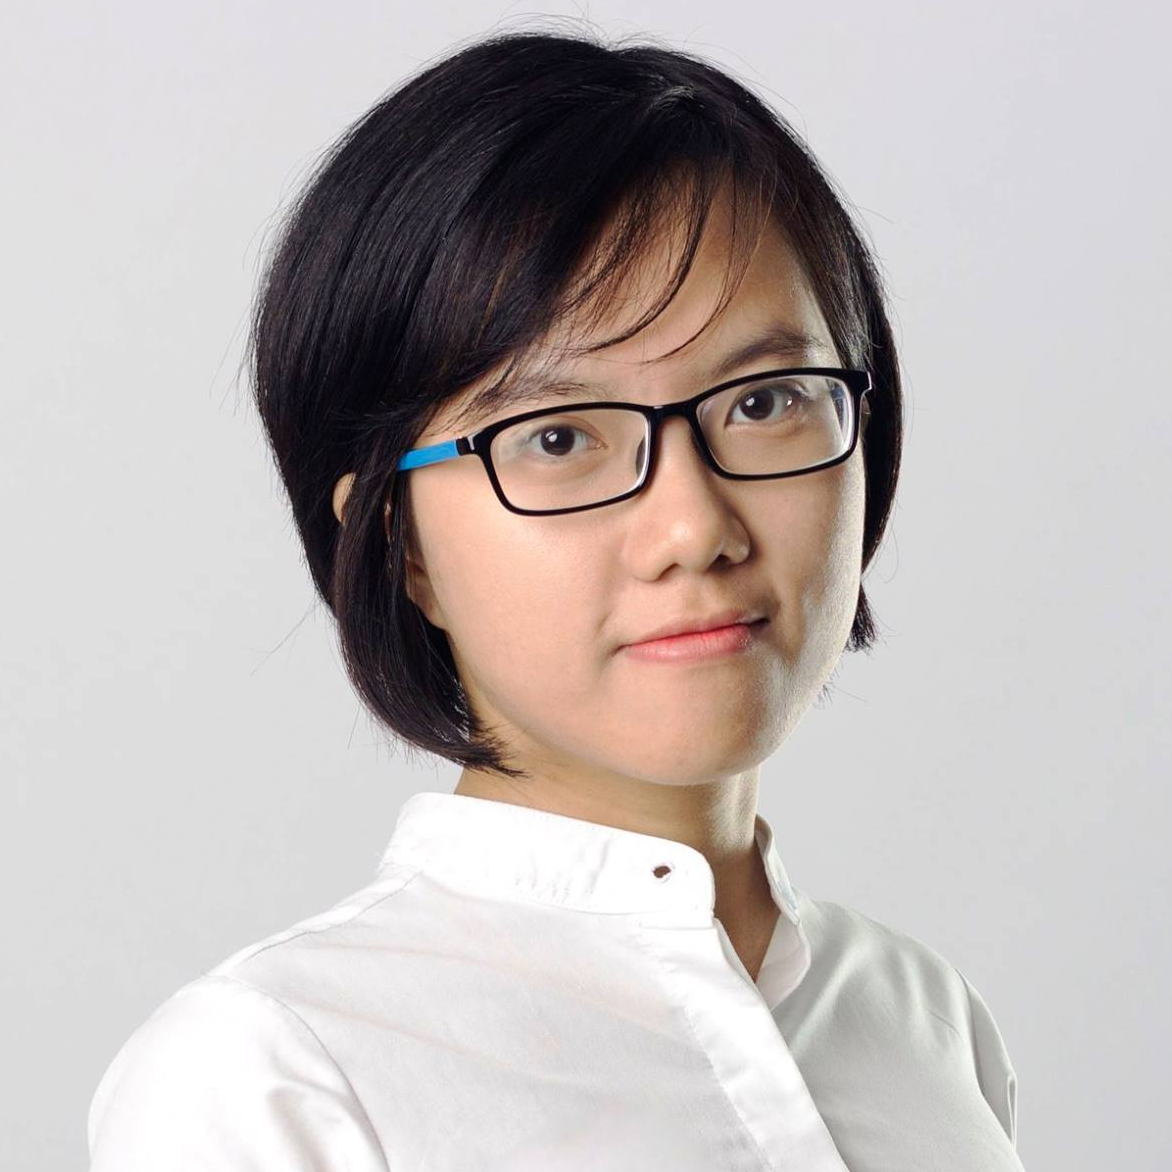 Trương Đỗ Minh Hương